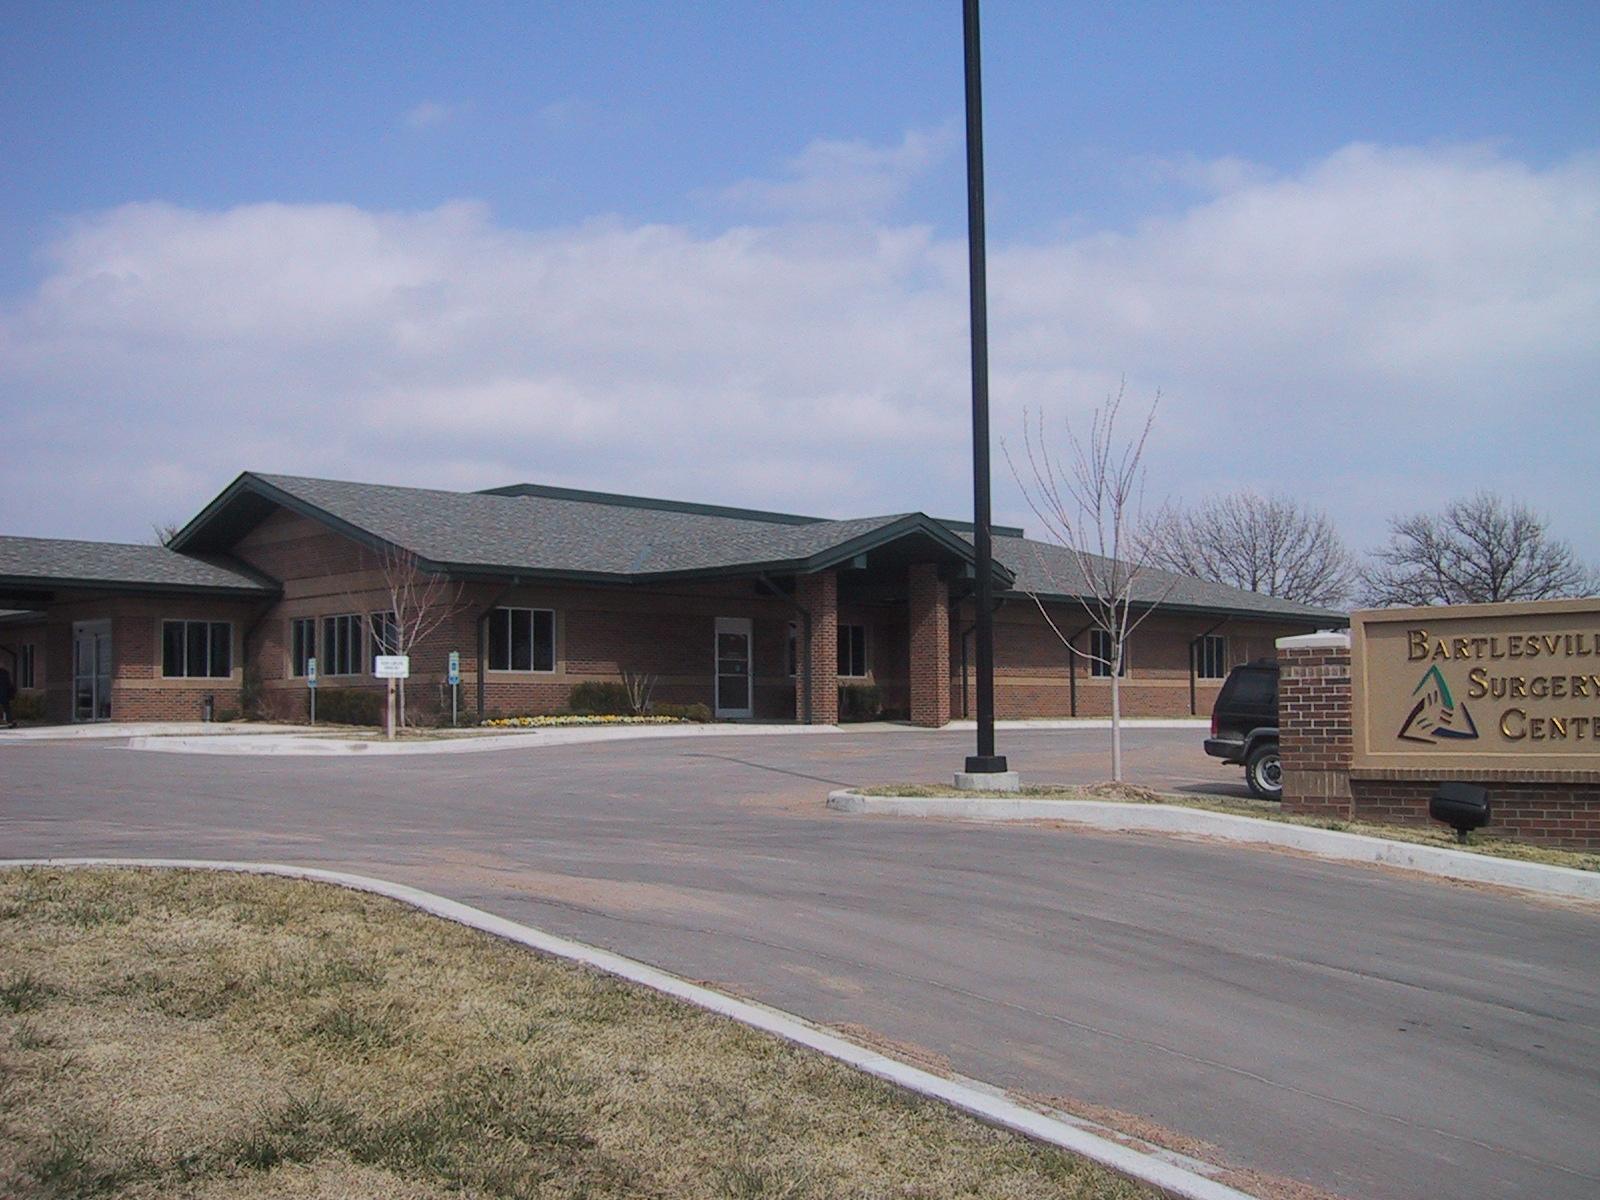 Surgery Center Exterior 4.JPG